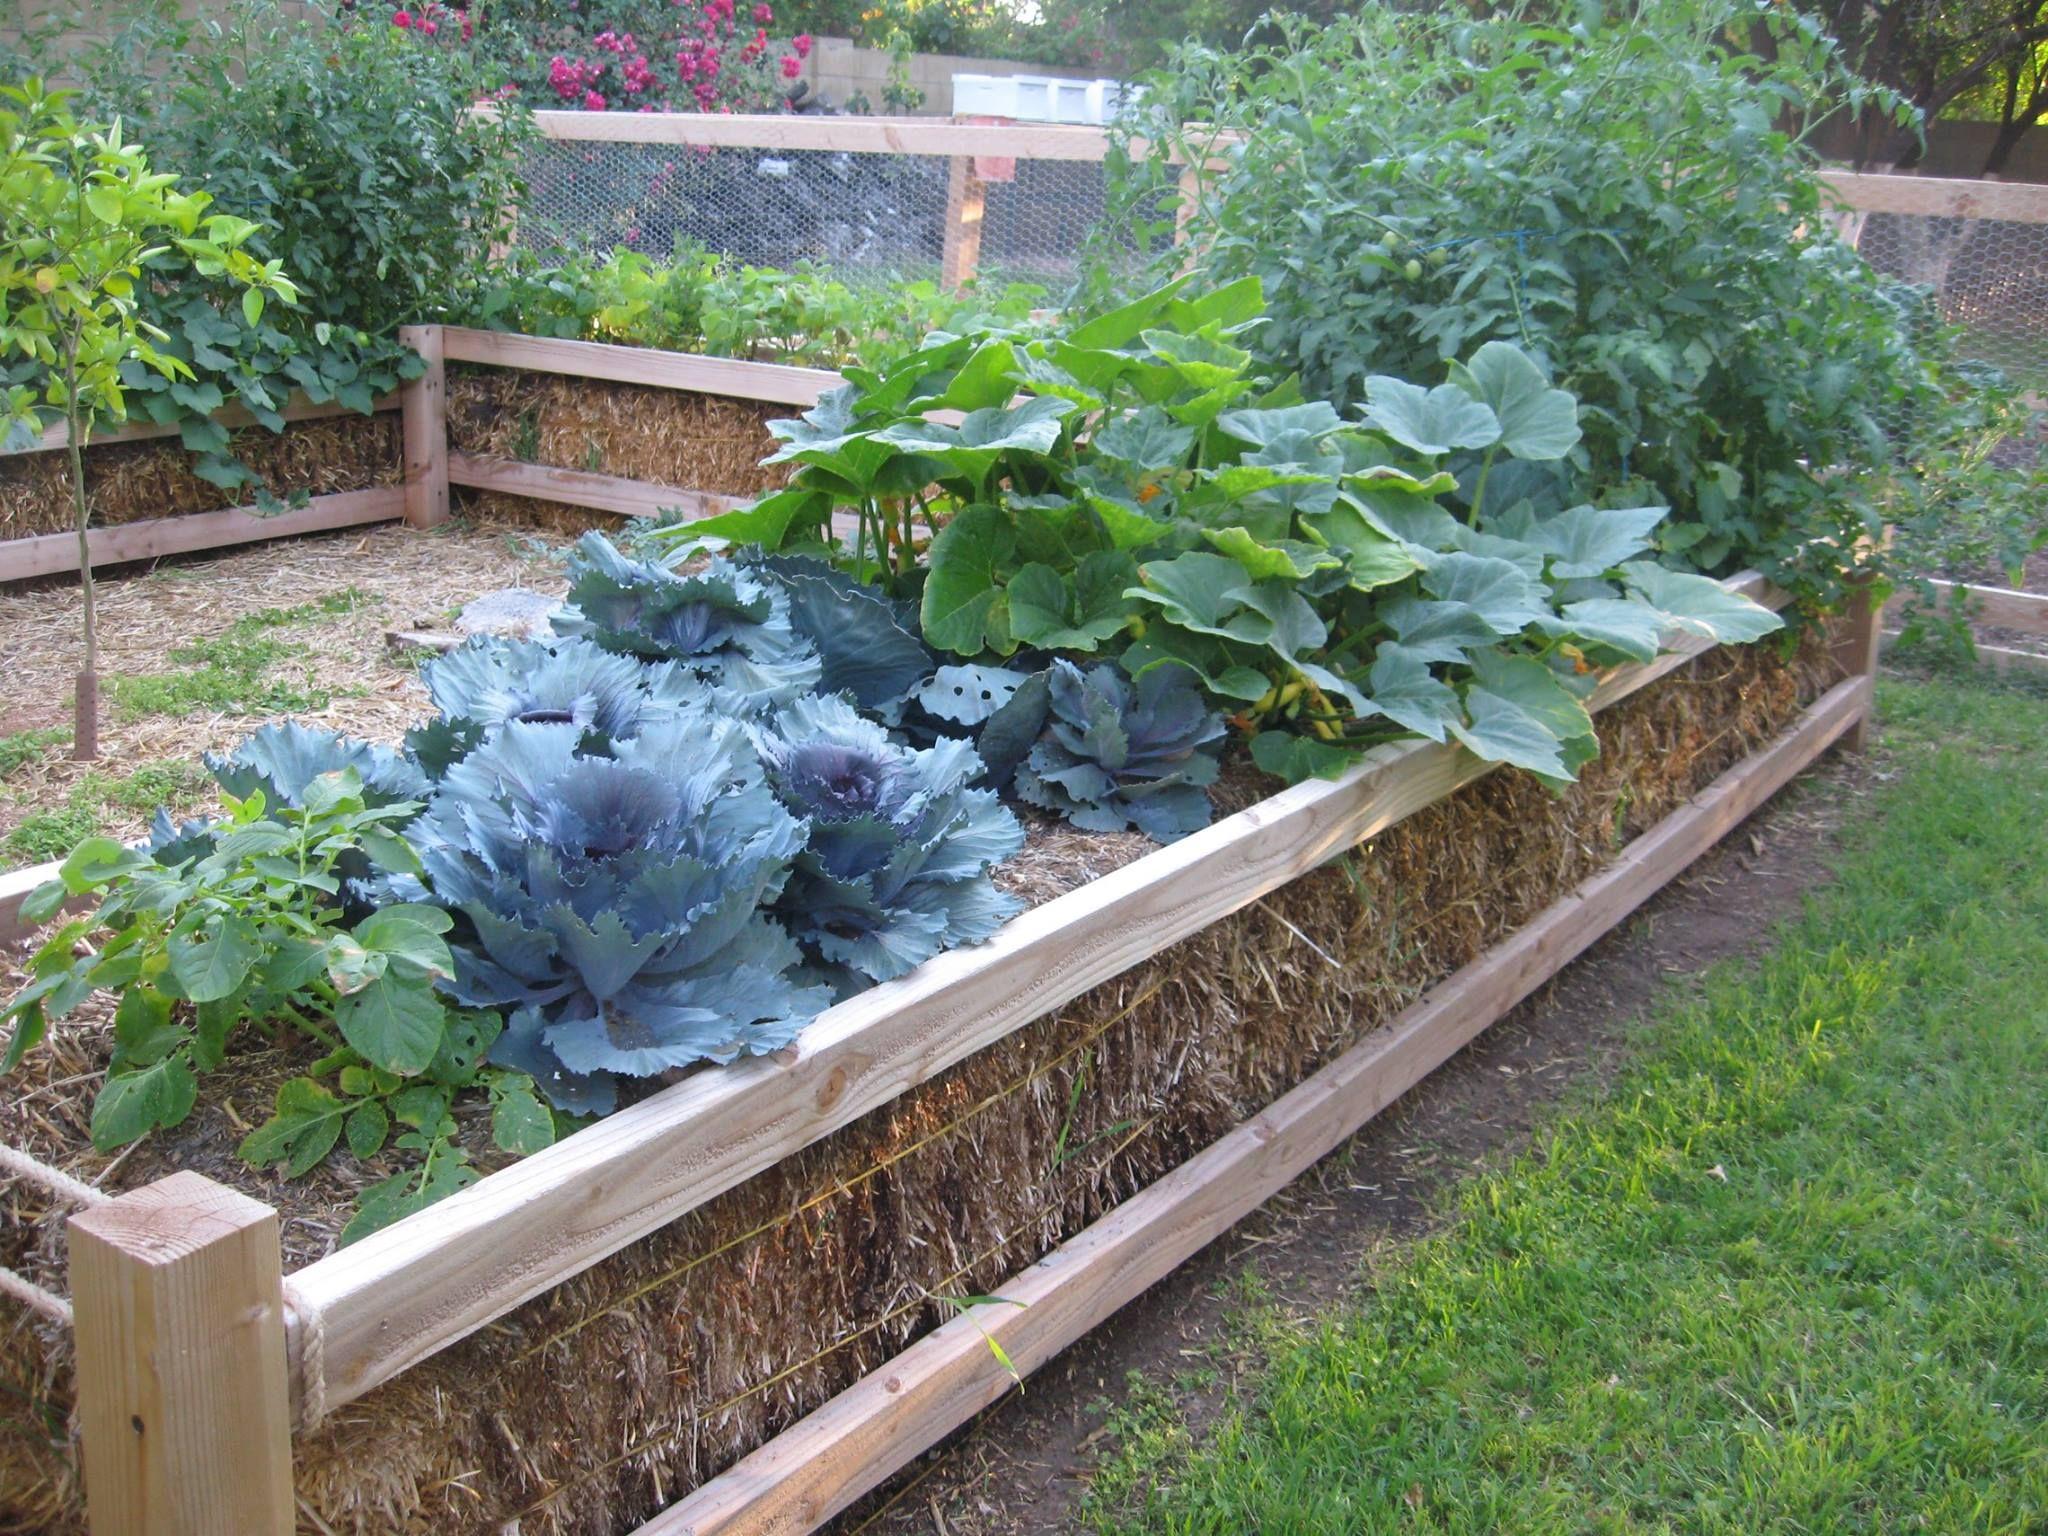 5e70de97fe43472aa42a41a9d2d2c194 - What Are The Basic Gardening Techniques